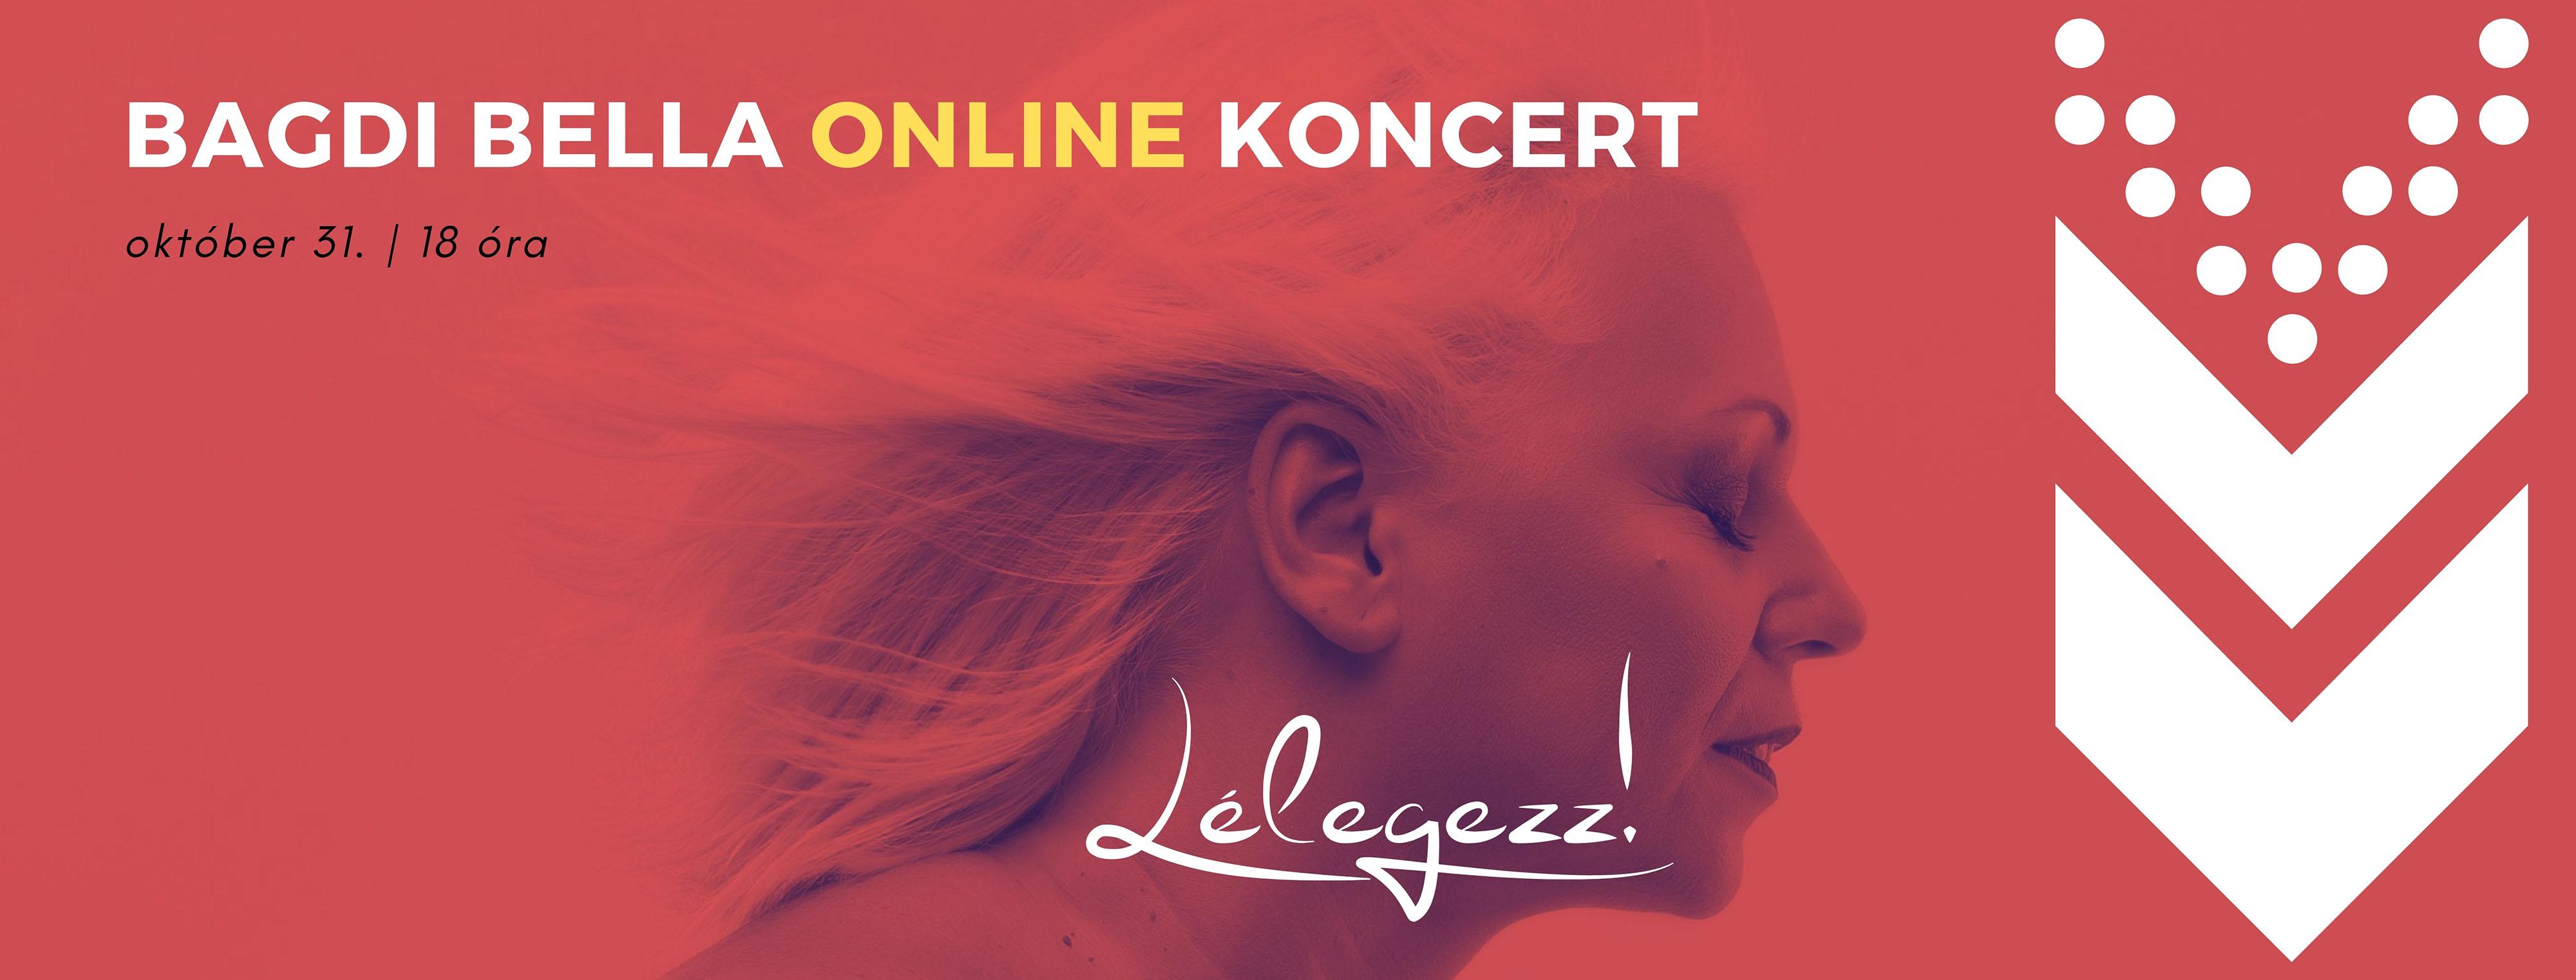 bb_koncert_okt31_web_koncertoldal